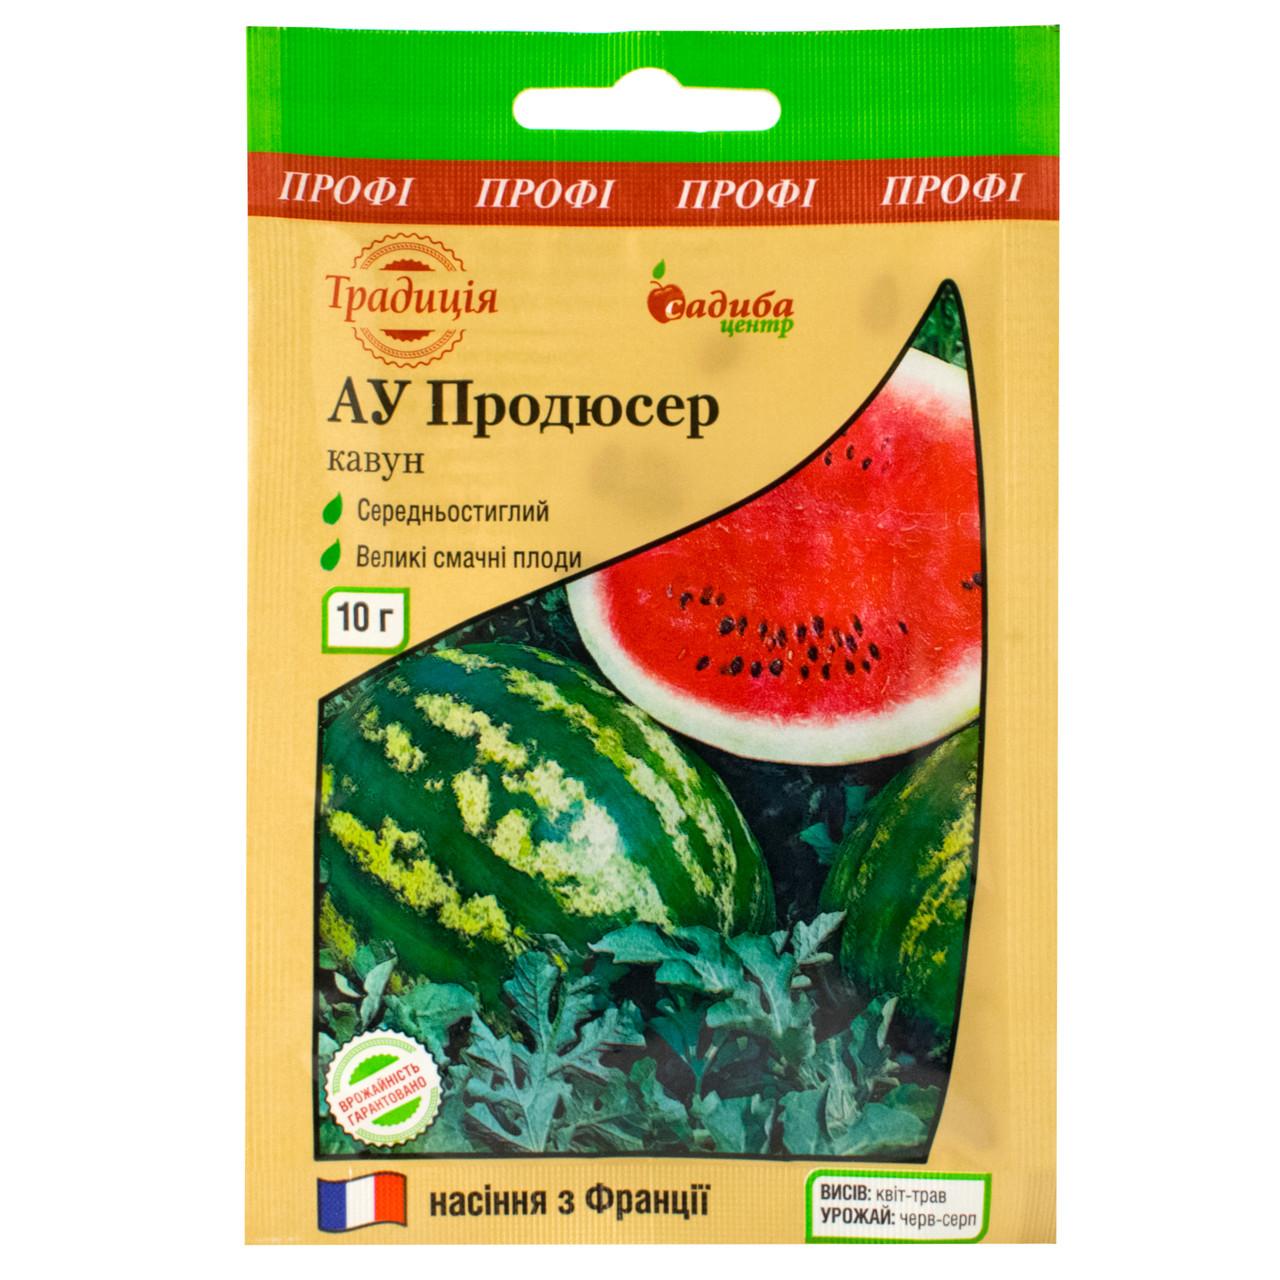 Арбуз АУ Продюсер 10 г Традиція